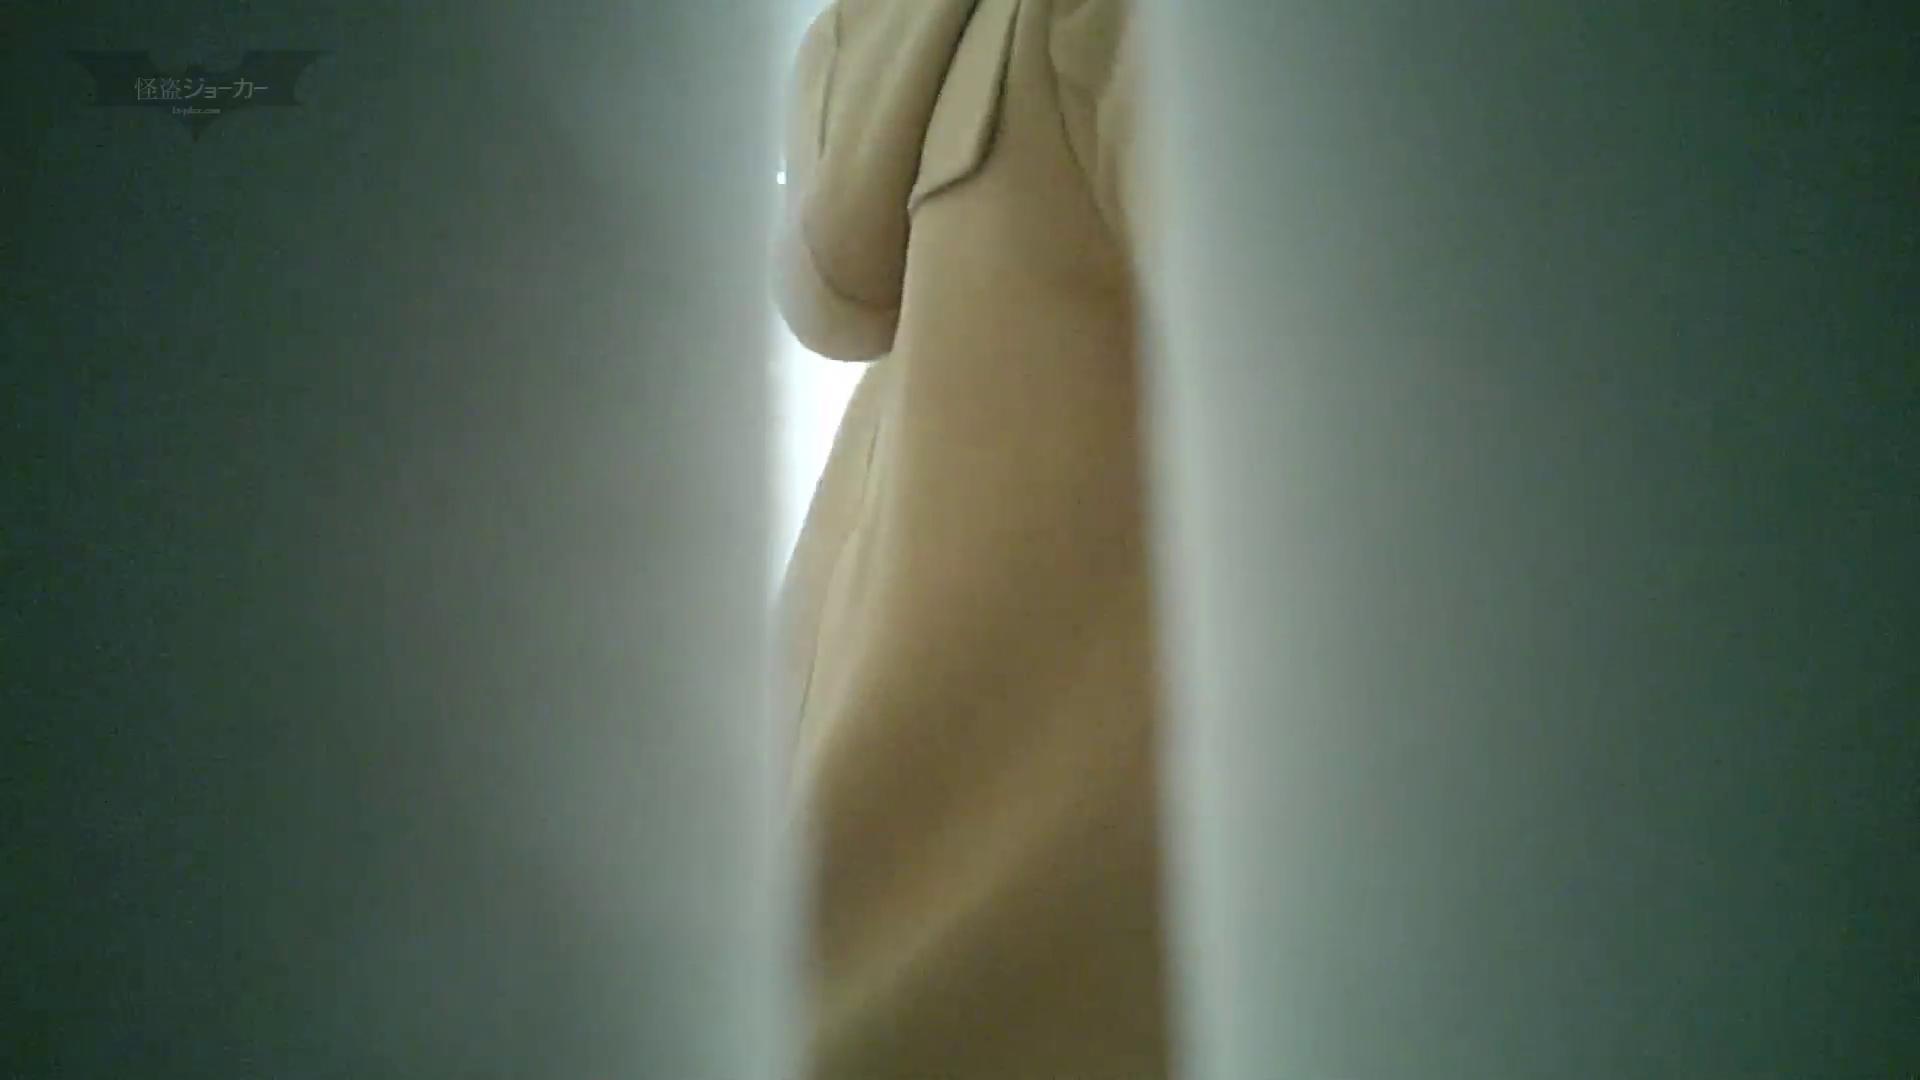 有名大学女性洗面所 vol.57 S級美女マルチアングル撮り!! 美女のボディ おまんこ無修正動画無料 88PIX 28